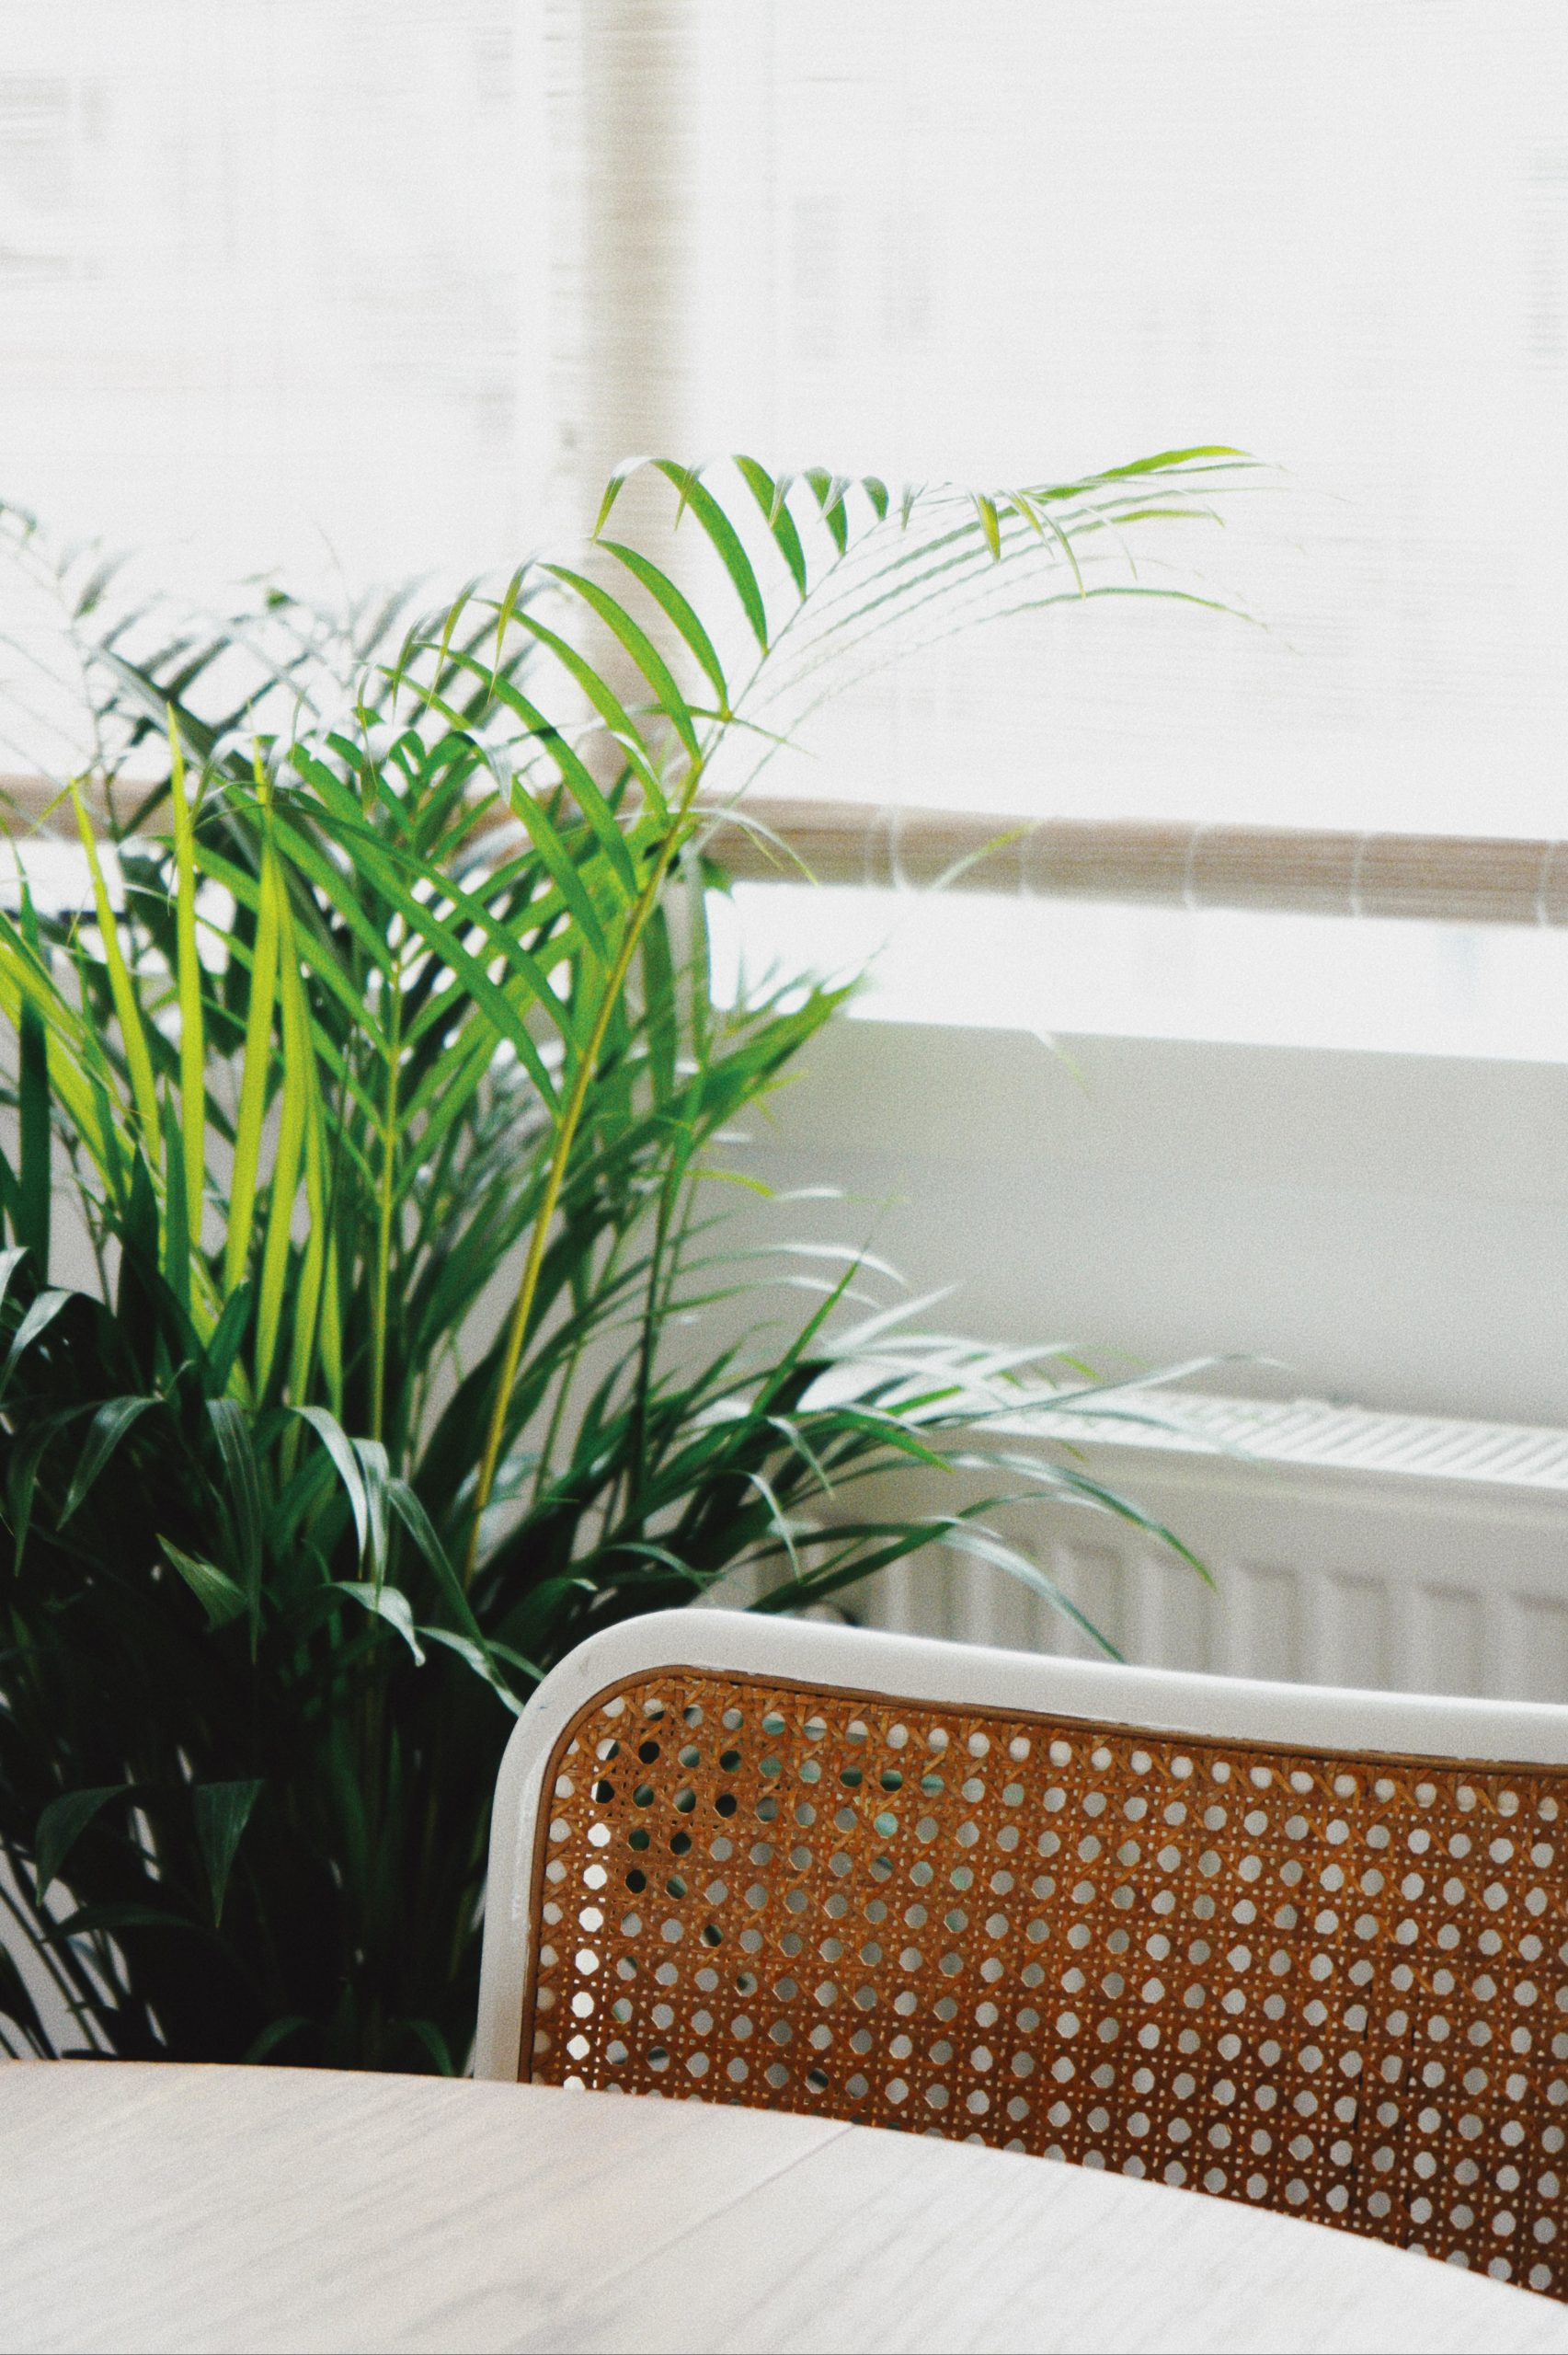 Stuhllehne und pflanze vor Fenster